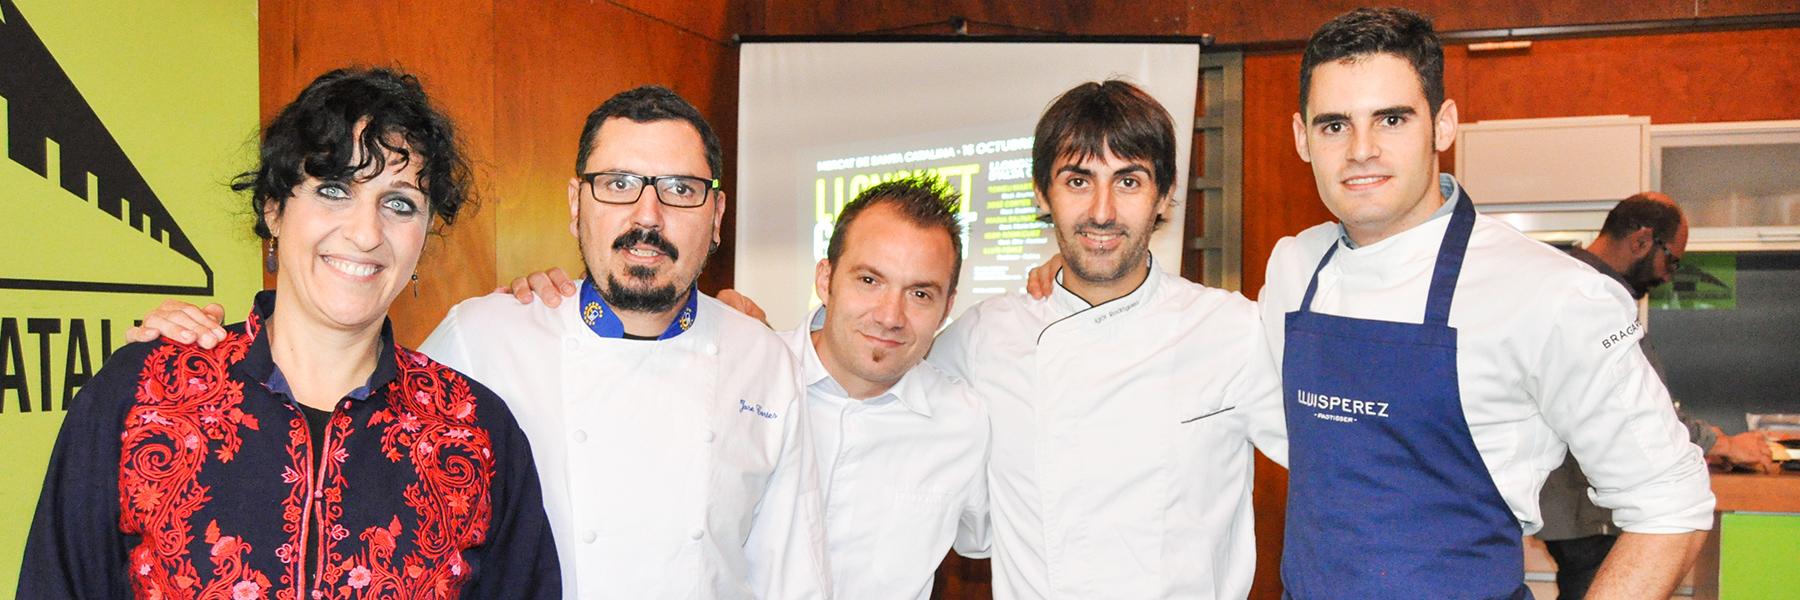 mallorca_gourmet_banner_llonguet